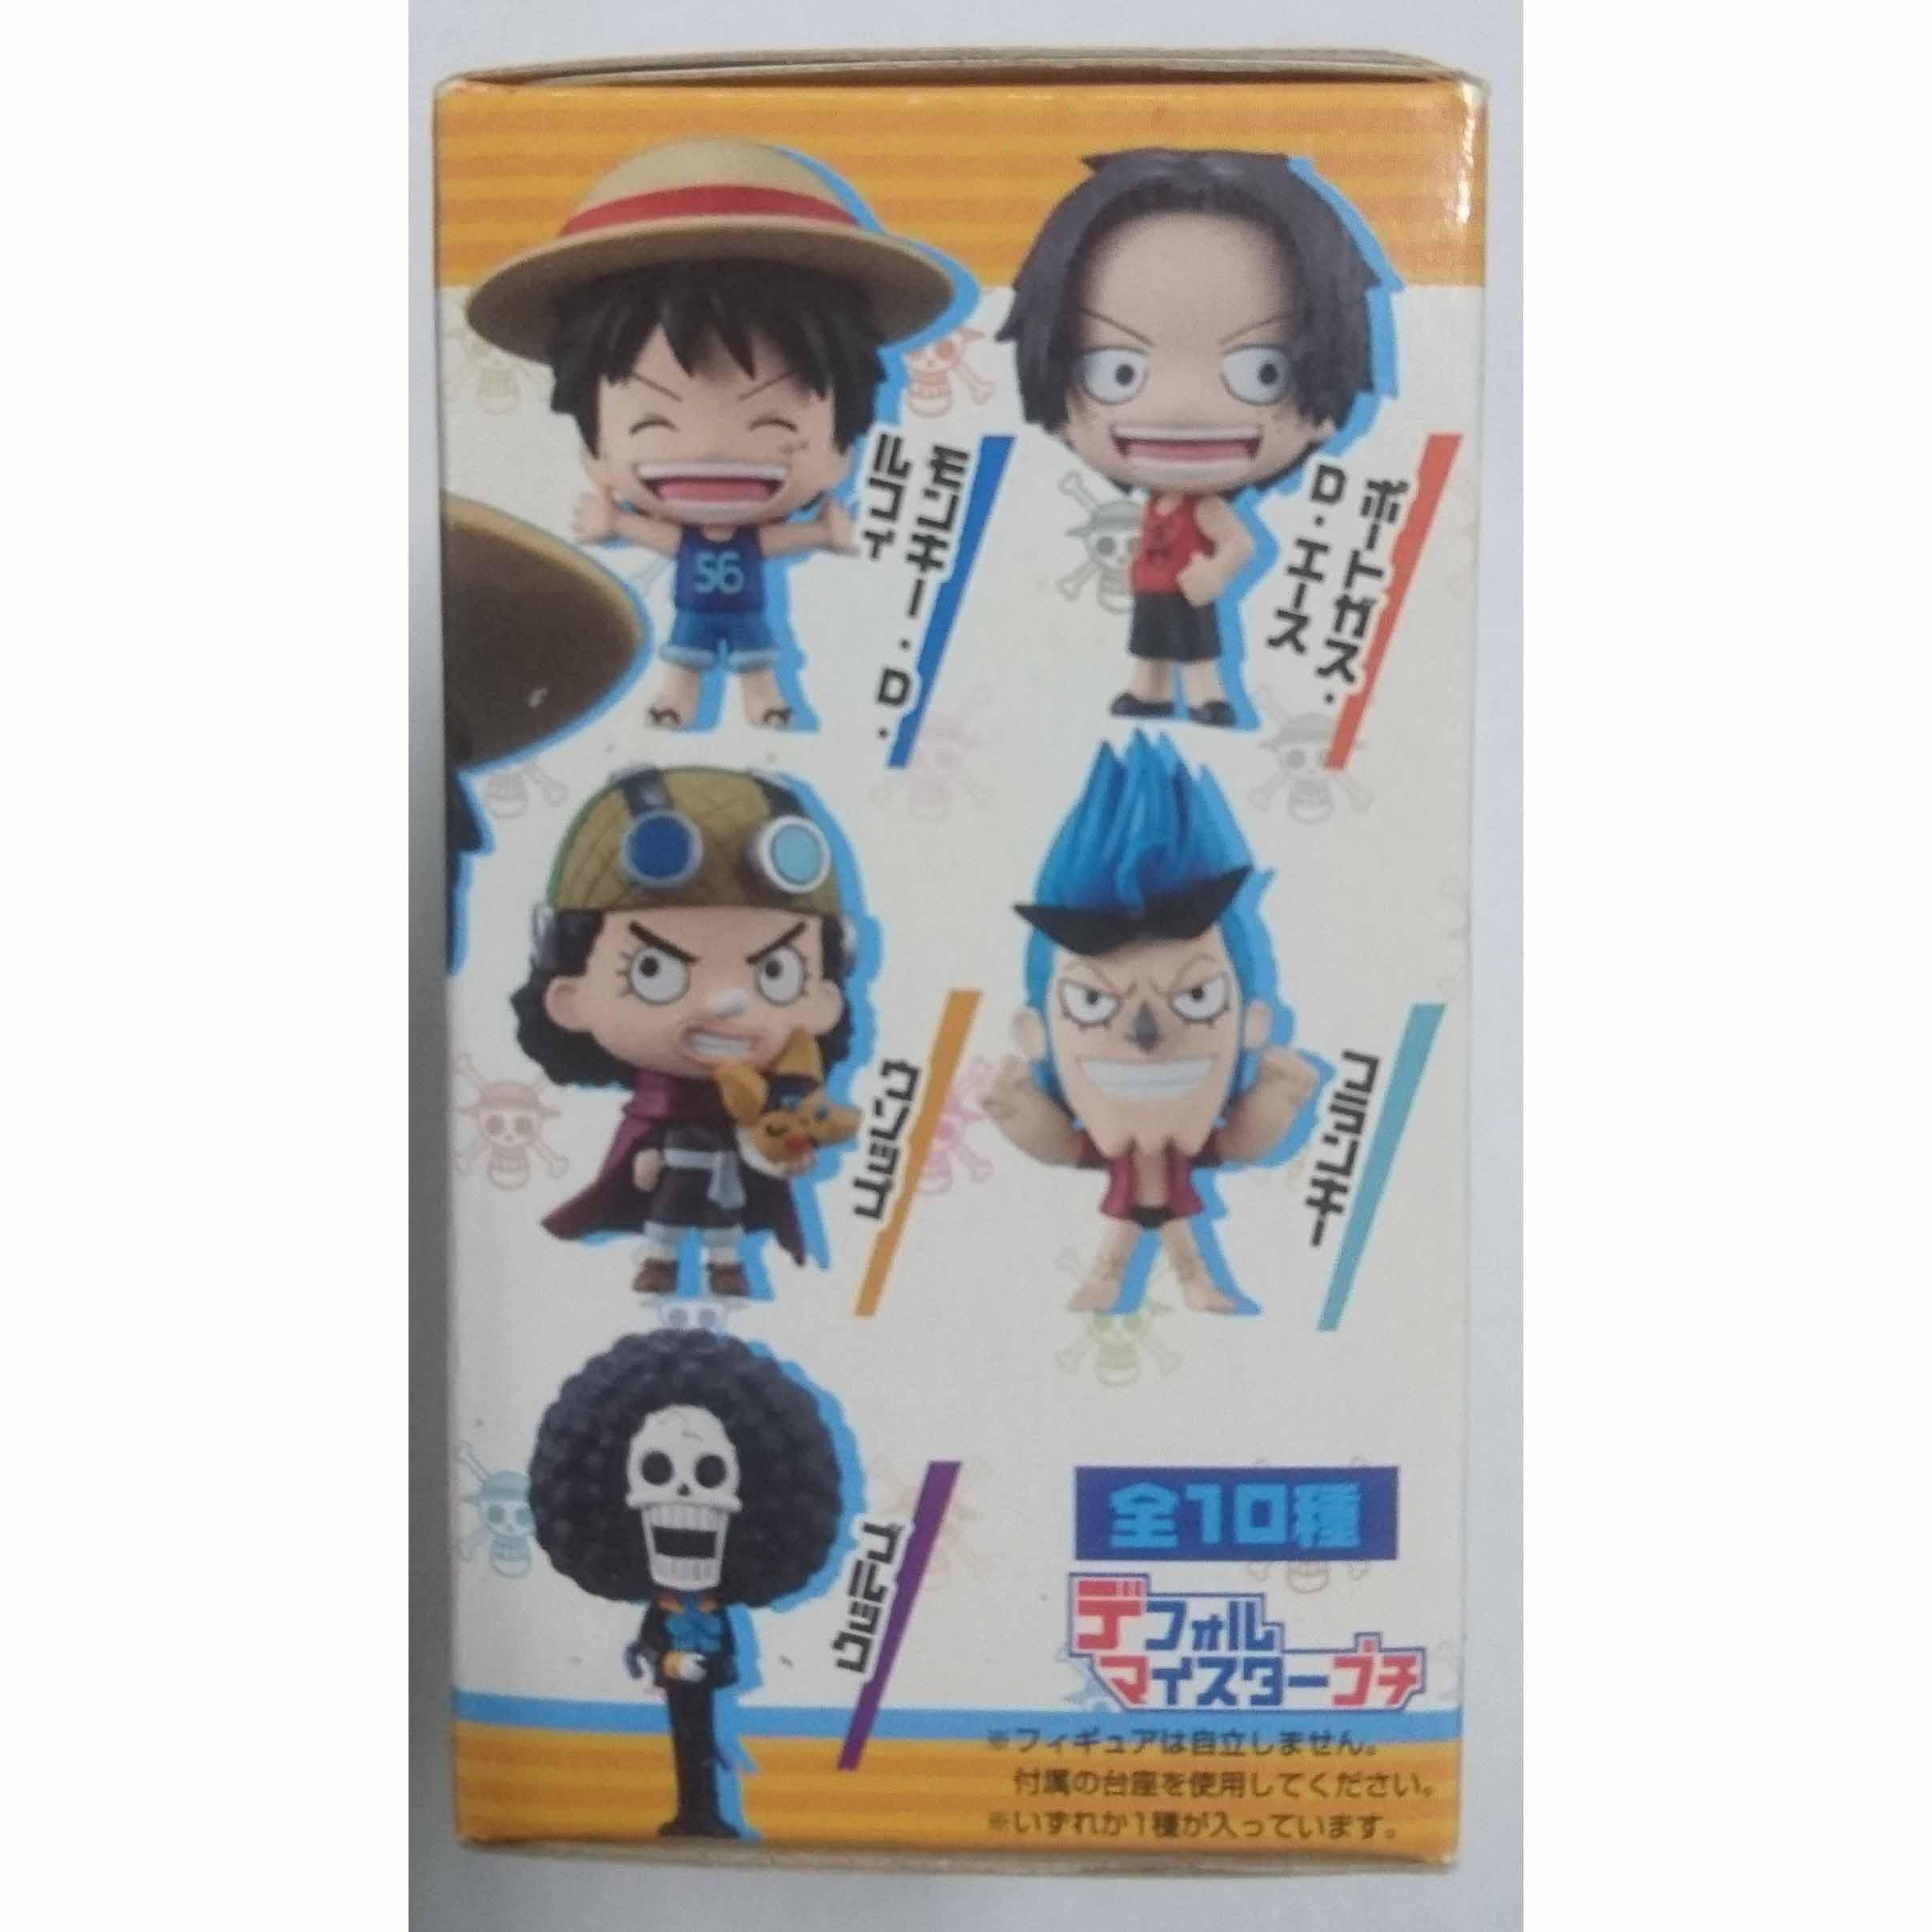 海賊王 航海王 Q版盒玩裝 第3彈 全10種 1中盒10入,益祥模型玩具外盒實拍照片。